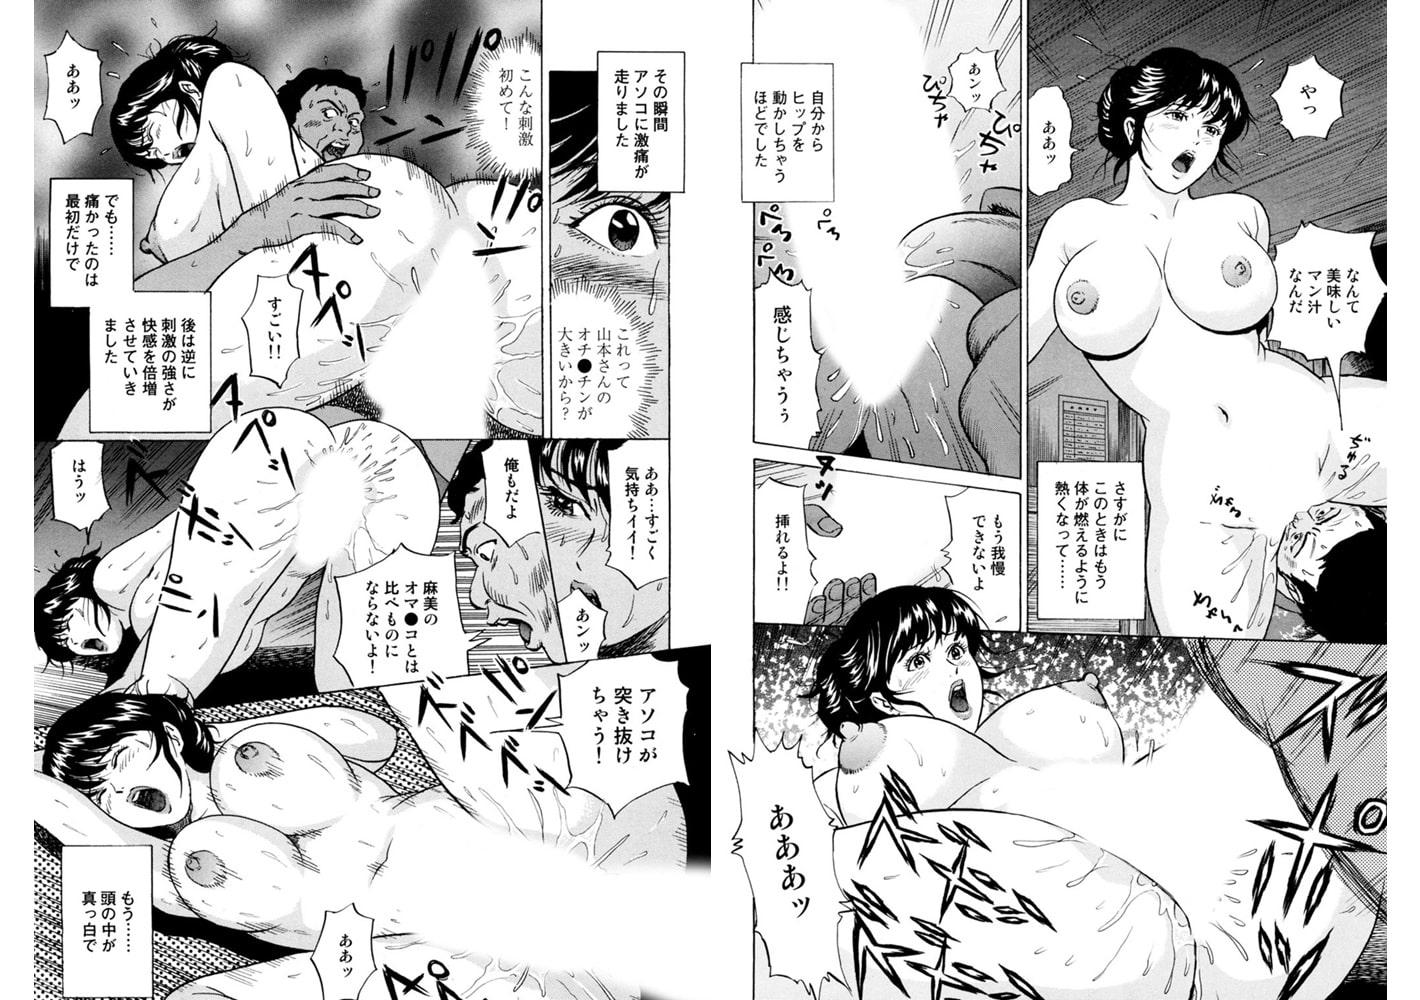 疼く人妻の濡らされた不倫事情 5巻